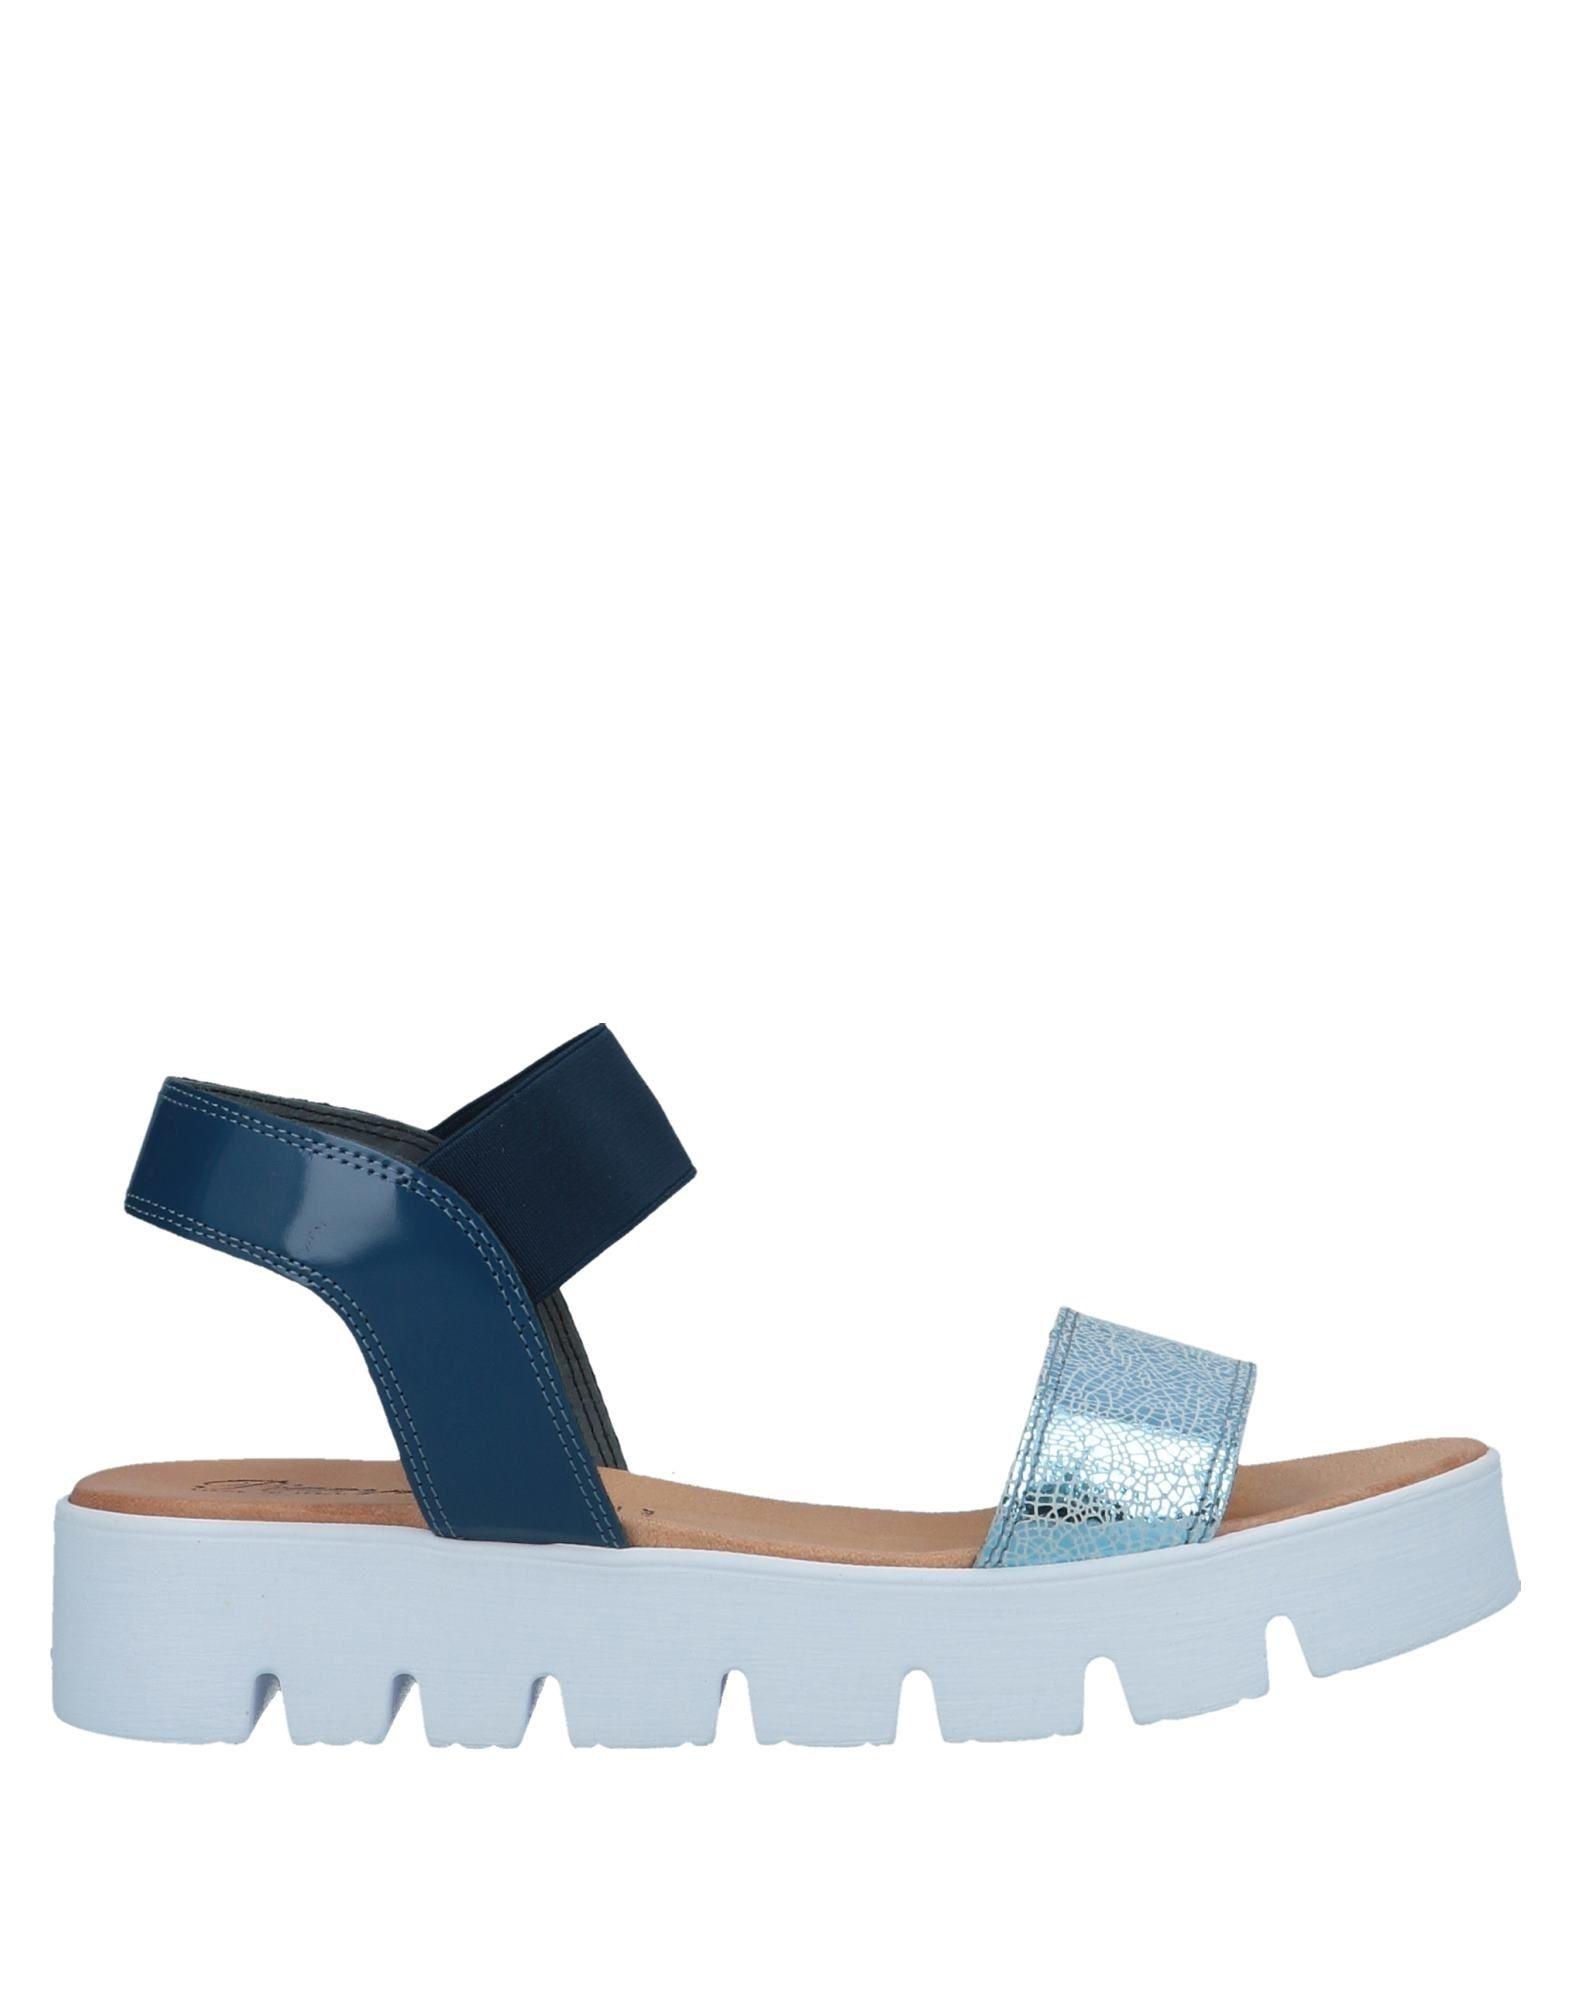 Piampiani Sandalen Damen 11571377VL beliebte Gute Qualität beliebte 11571377VL Schuhe e50d39